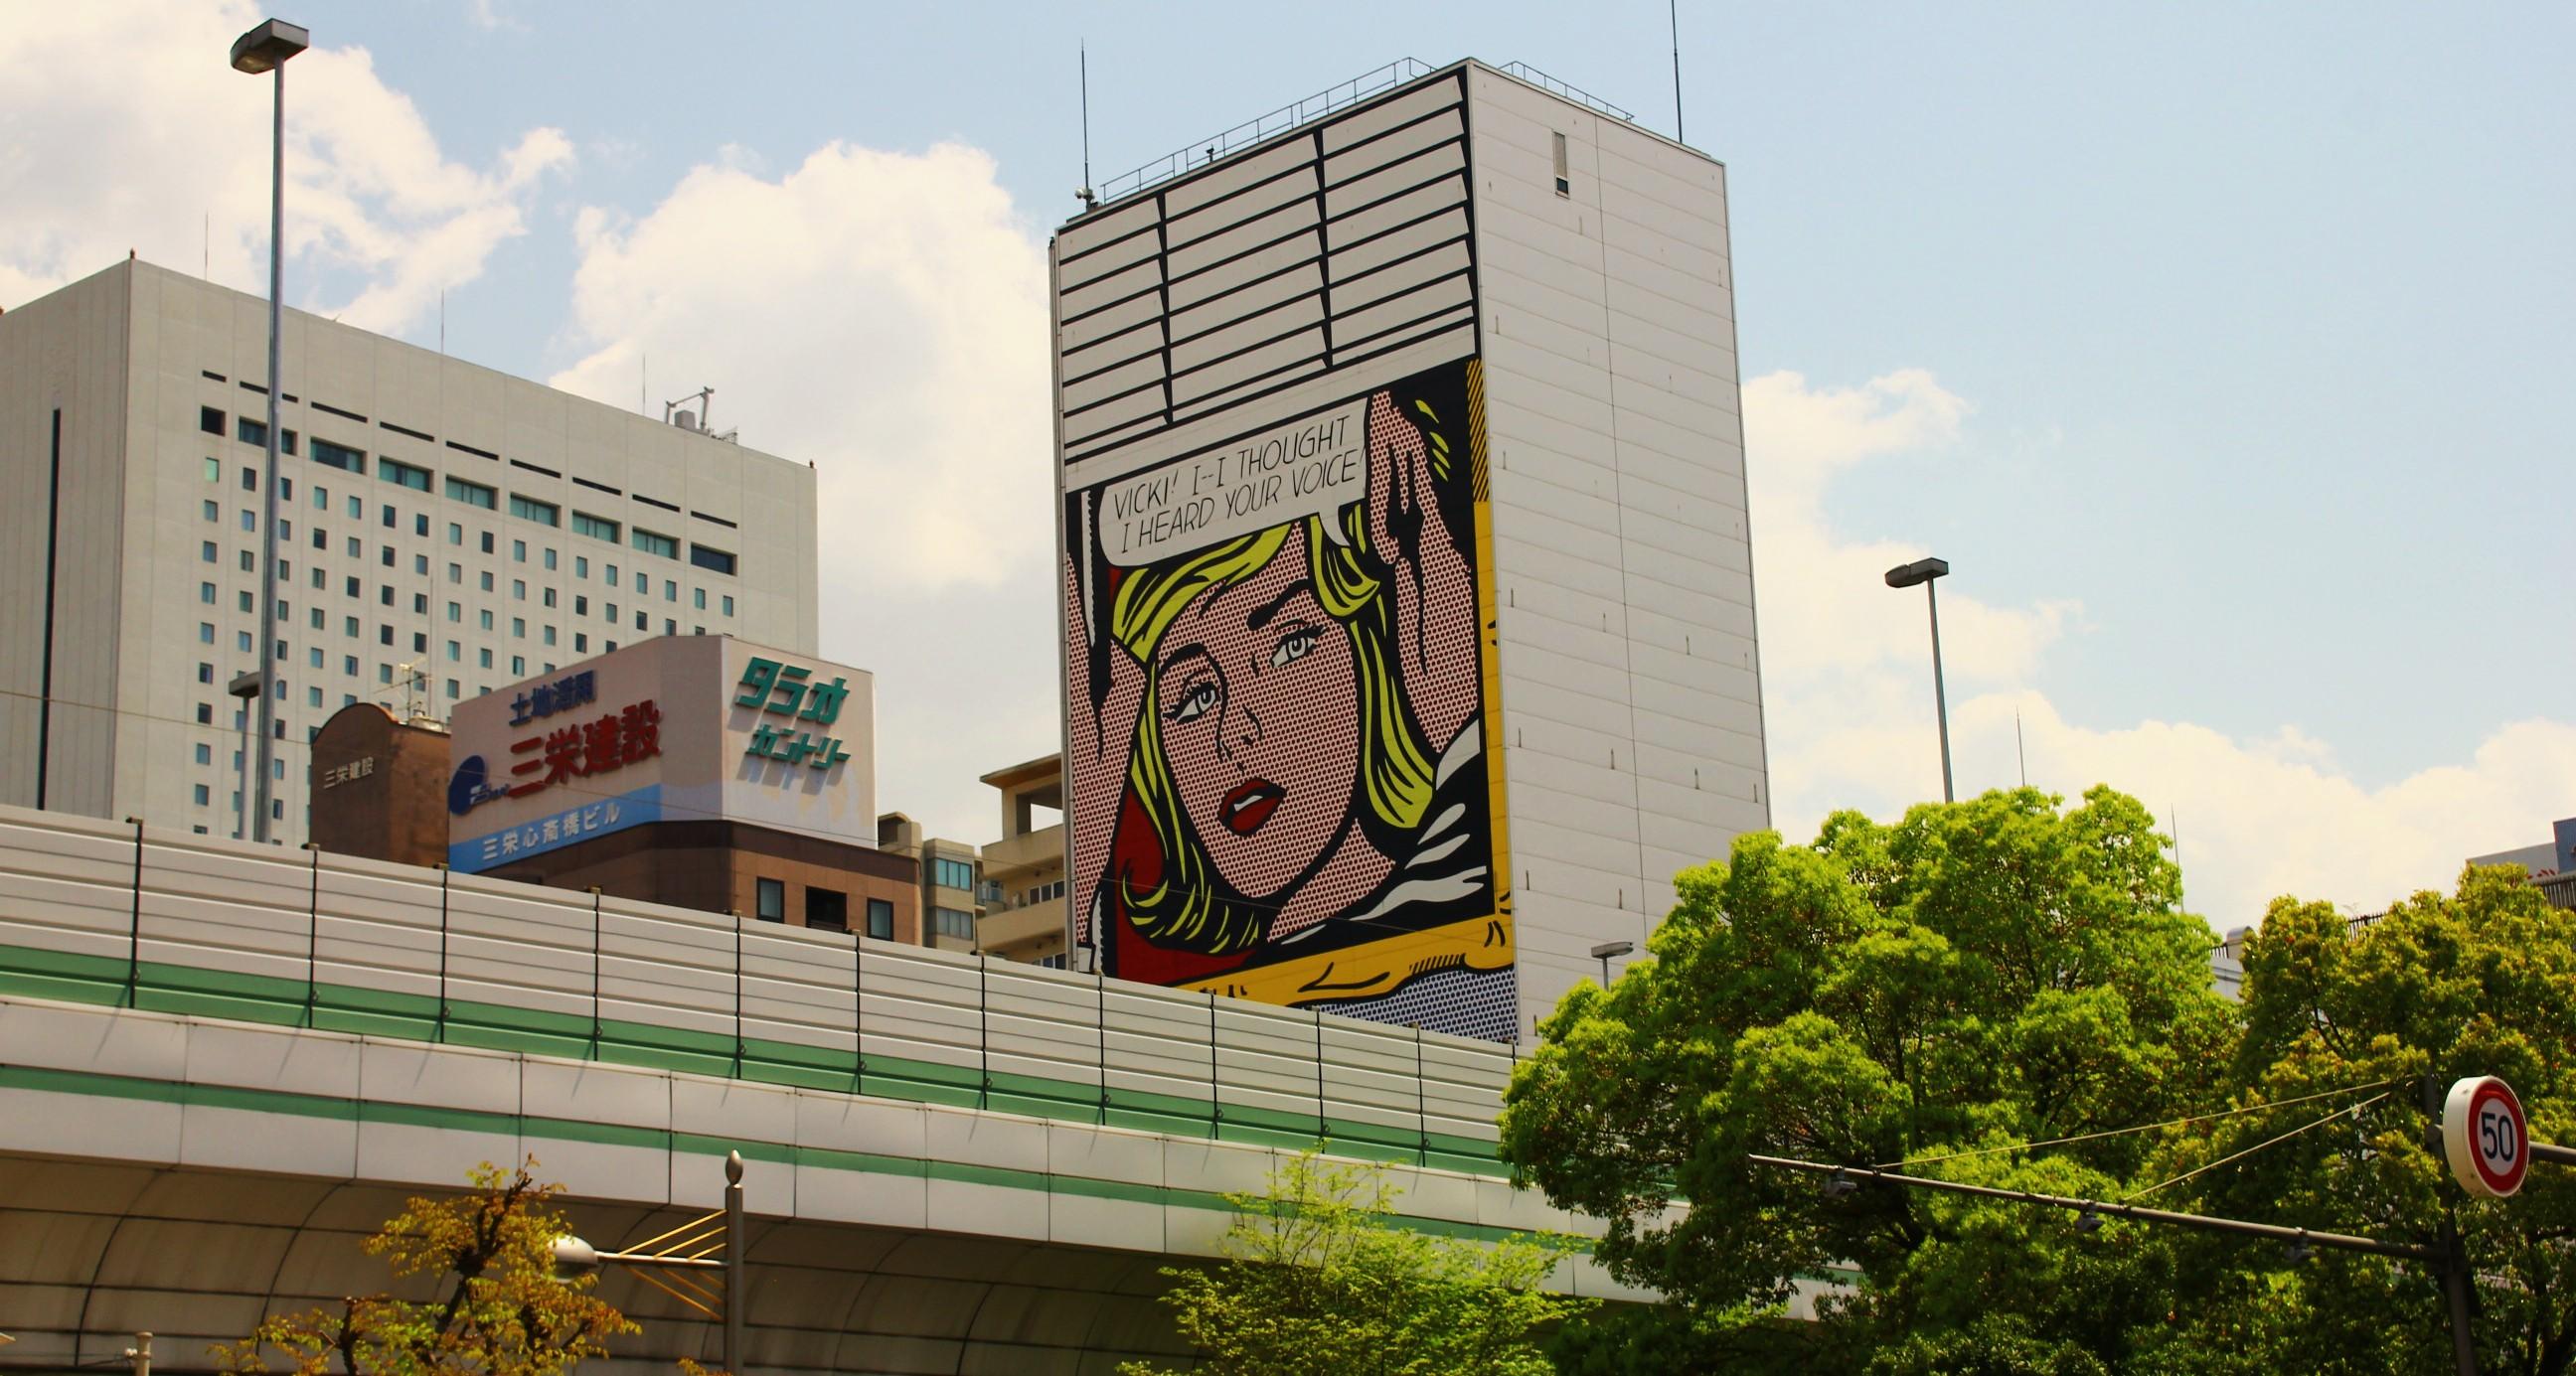 Osaka street art vicki i thought i heard your voice by roy image image voltagebd Images